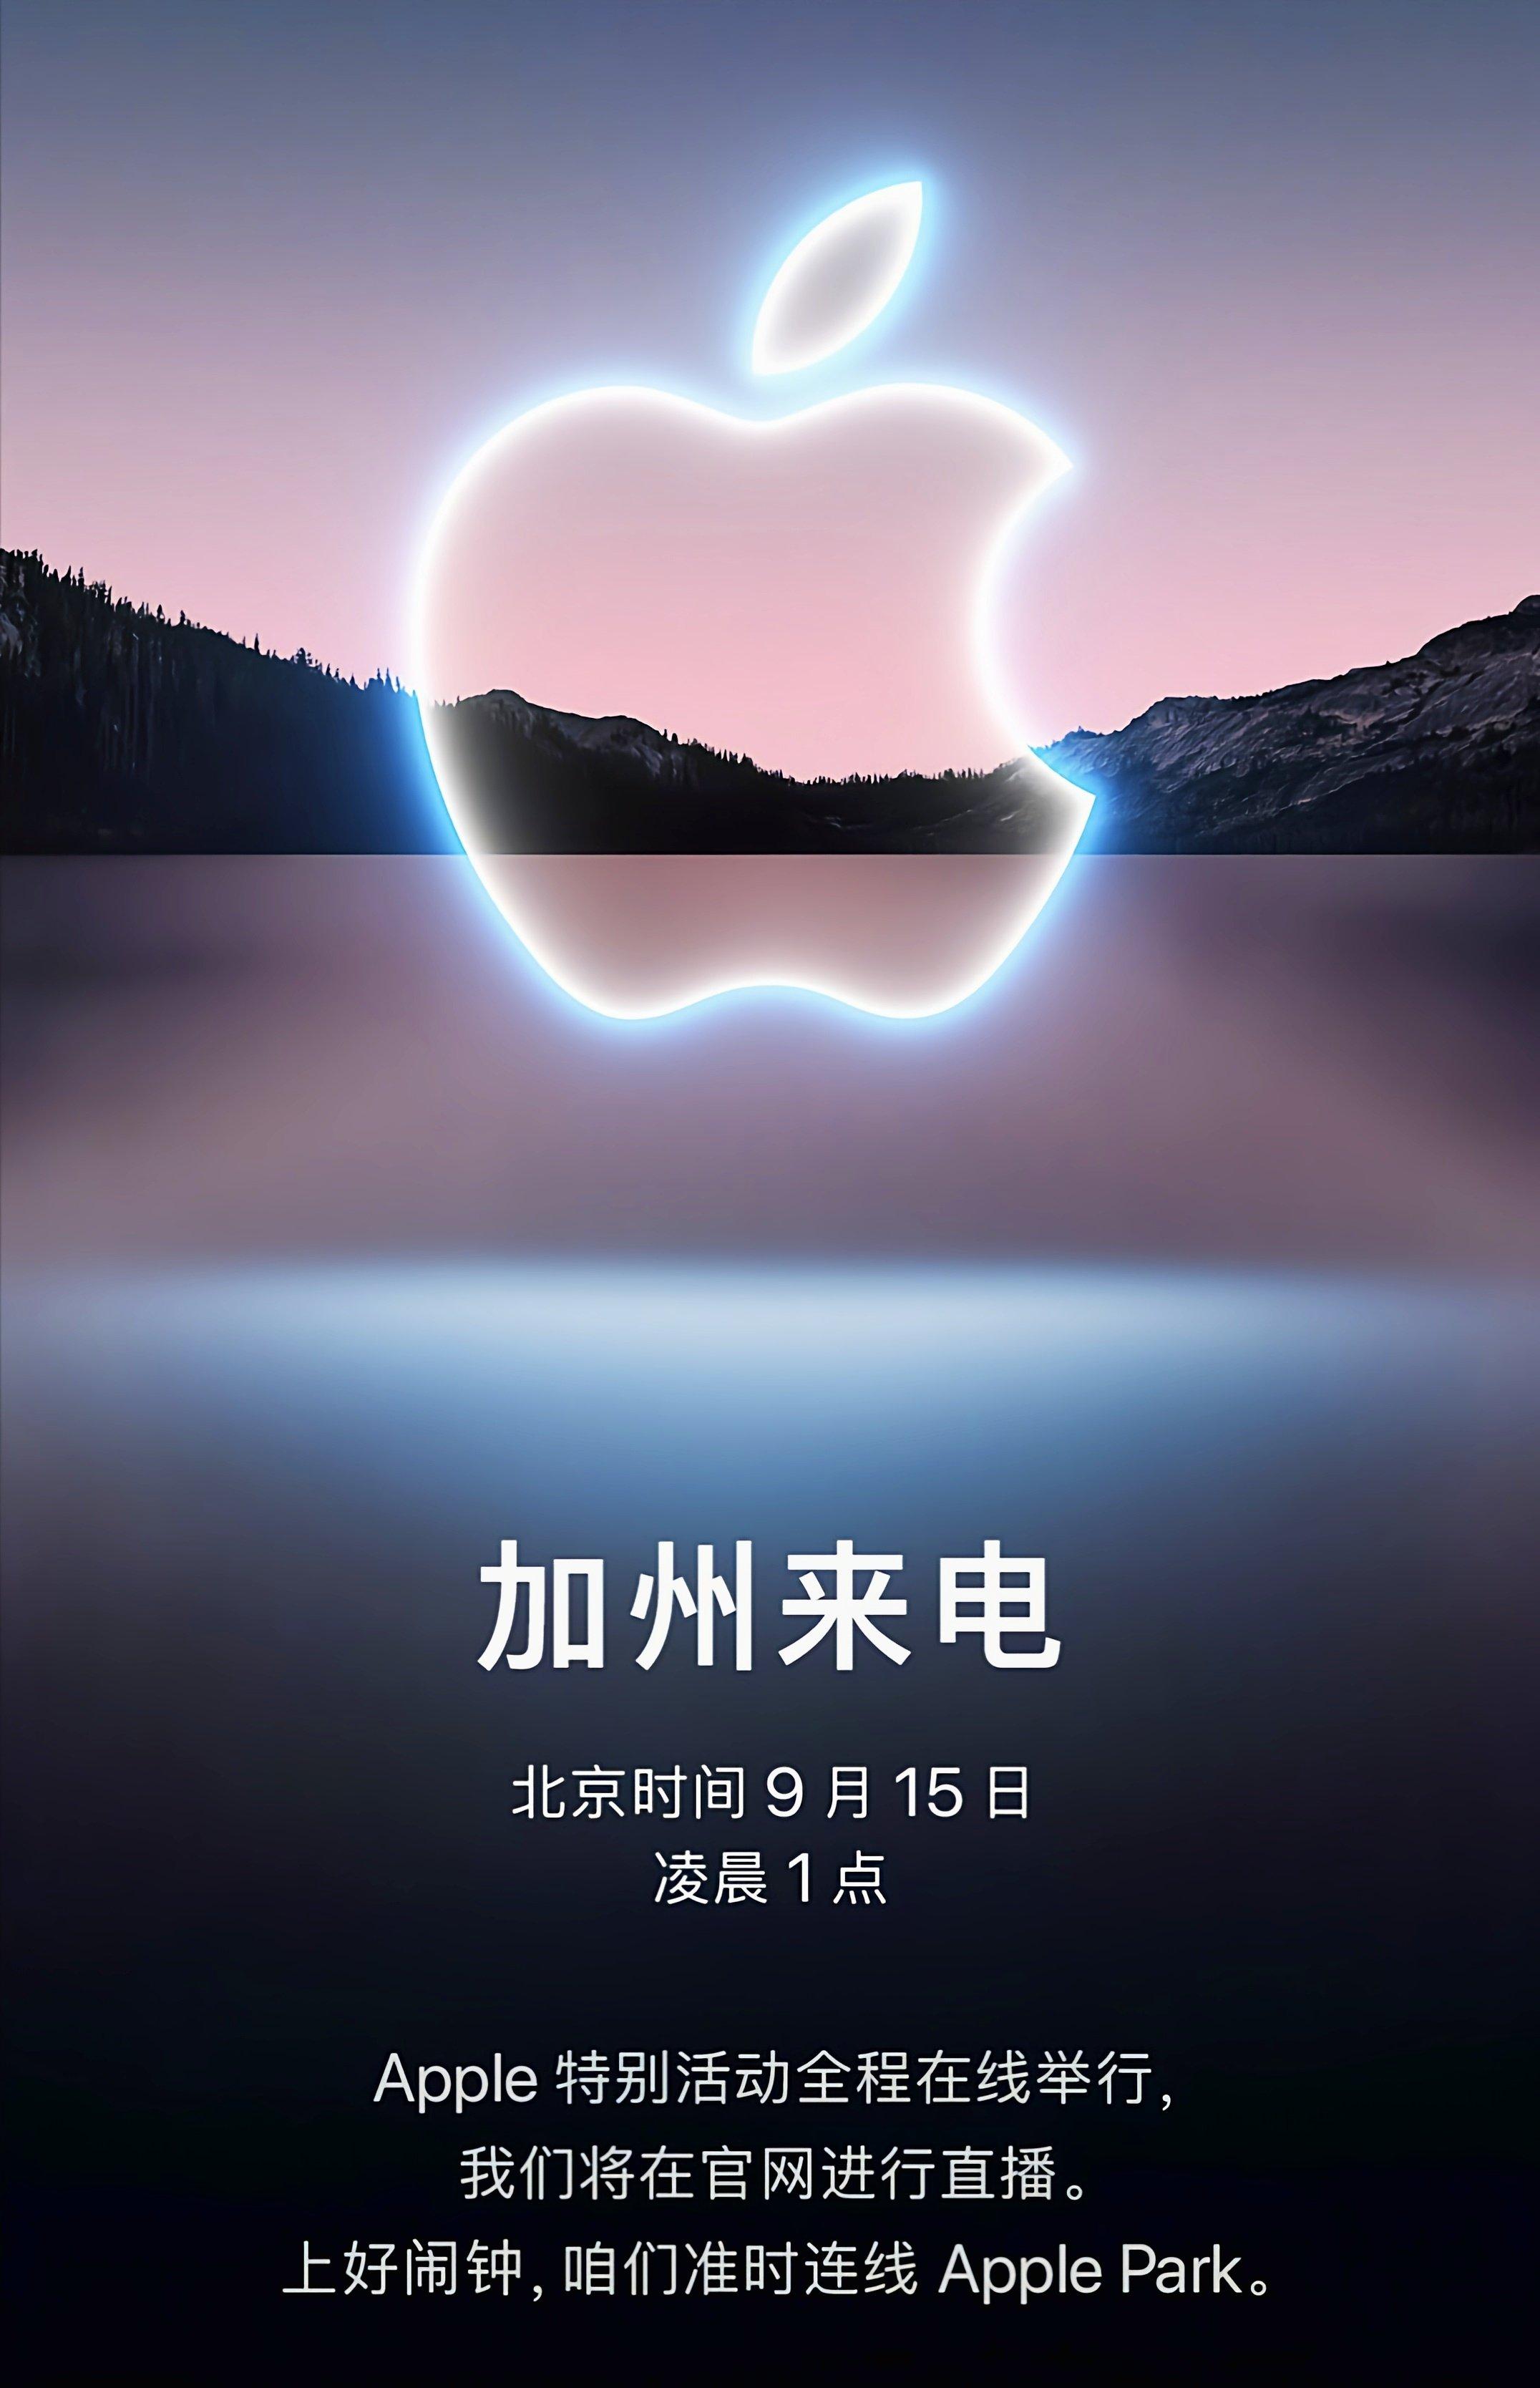 苹果秋季发布会正式官宣!苹果或于9月15日发布iPhone13